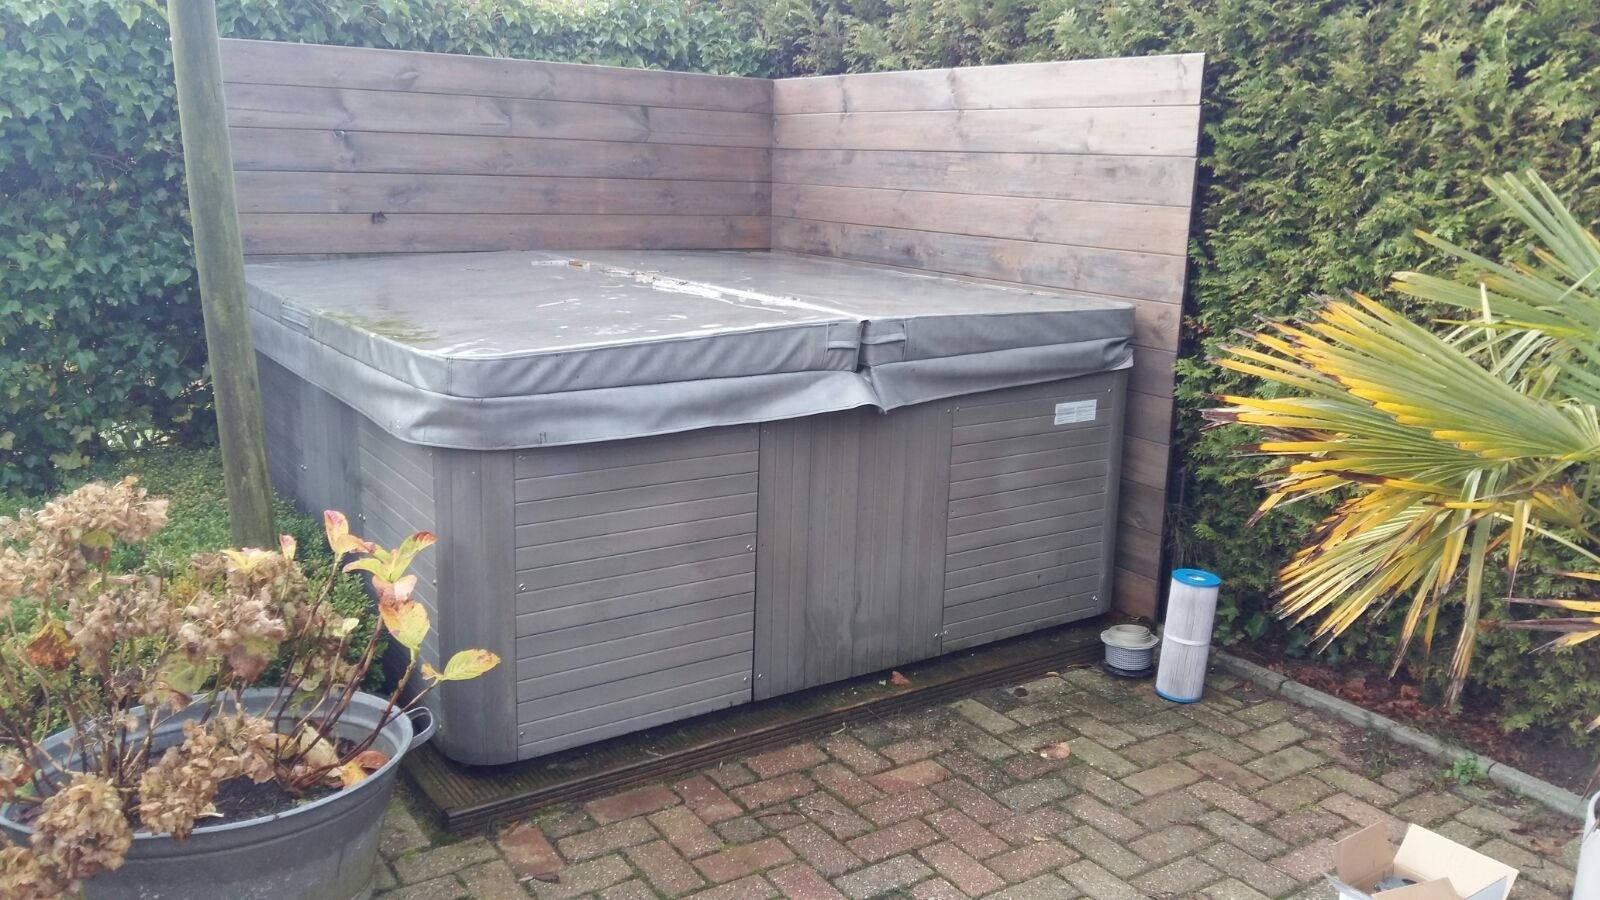 Circulatiepomp en ozonator vervangen in een Sunspa in Uithuizen